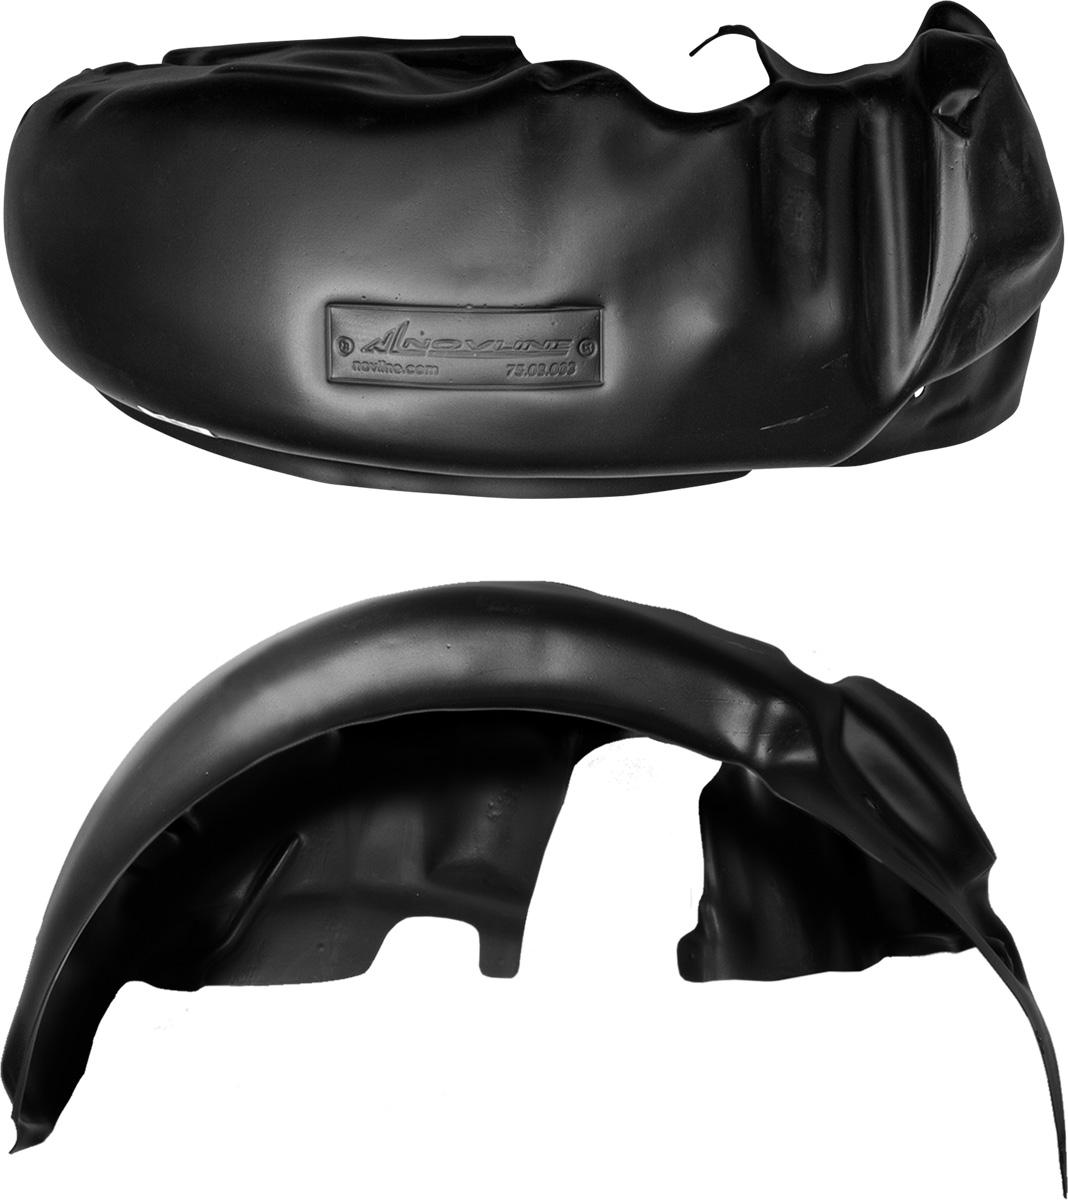 Подкрылок FIAT Ducato, 2012->, передний правый1004900000360Колесные ниши – одни из самых уязвимых зон днища вашего автомобиля. Они постоянно подвергаются воздействию со стороны дороги. Лучшая, почти абсолютная защита для них - специально отформованные пластиковые кожухи, которые называются подкрылками, или локерами. Производятся они как для отечественных моделей автомобилей, так и для иномарок. Подкрылки выполнены из высококачественного, экологически чистого пластика. Обеспечивают надежную защиту кузова автомобиля от пескоструйного эффекта и негативного влияния, агрессивных антигололедных реагентов. Пластик обладает более низкой теплопроводностью, чем металл, поэтому в зимний период эксплуатации использование пластиковых подкрылков позволяет лучше защитить колесные ниши от налипания снега и образования наледи. Оригинальность конструкции подчеркивает элегантность автомобиля, бережно защищает нанесенное на днище кузова антикоррозийное покрытие и позволяет осуществить крепление подкрылков внутри колесной арки практически без дополнительного крепежа и сверления, не нарушая при этом лакокрасочного покрытия, что предотвращает возникновение новых очагов коррозии. Технология крепления подкрылков на иномарки принципиально отличается от крепления на российские автомобили и разрабатывается индивидуально для каждой модели автомобиля. Подкрылки долговечны, обладают высокой прочностью и сохраняют заданную форму, а также все свои физико-механические характеристики в самых тяжелых климатических условиях ( от -50° С до + 50° С).